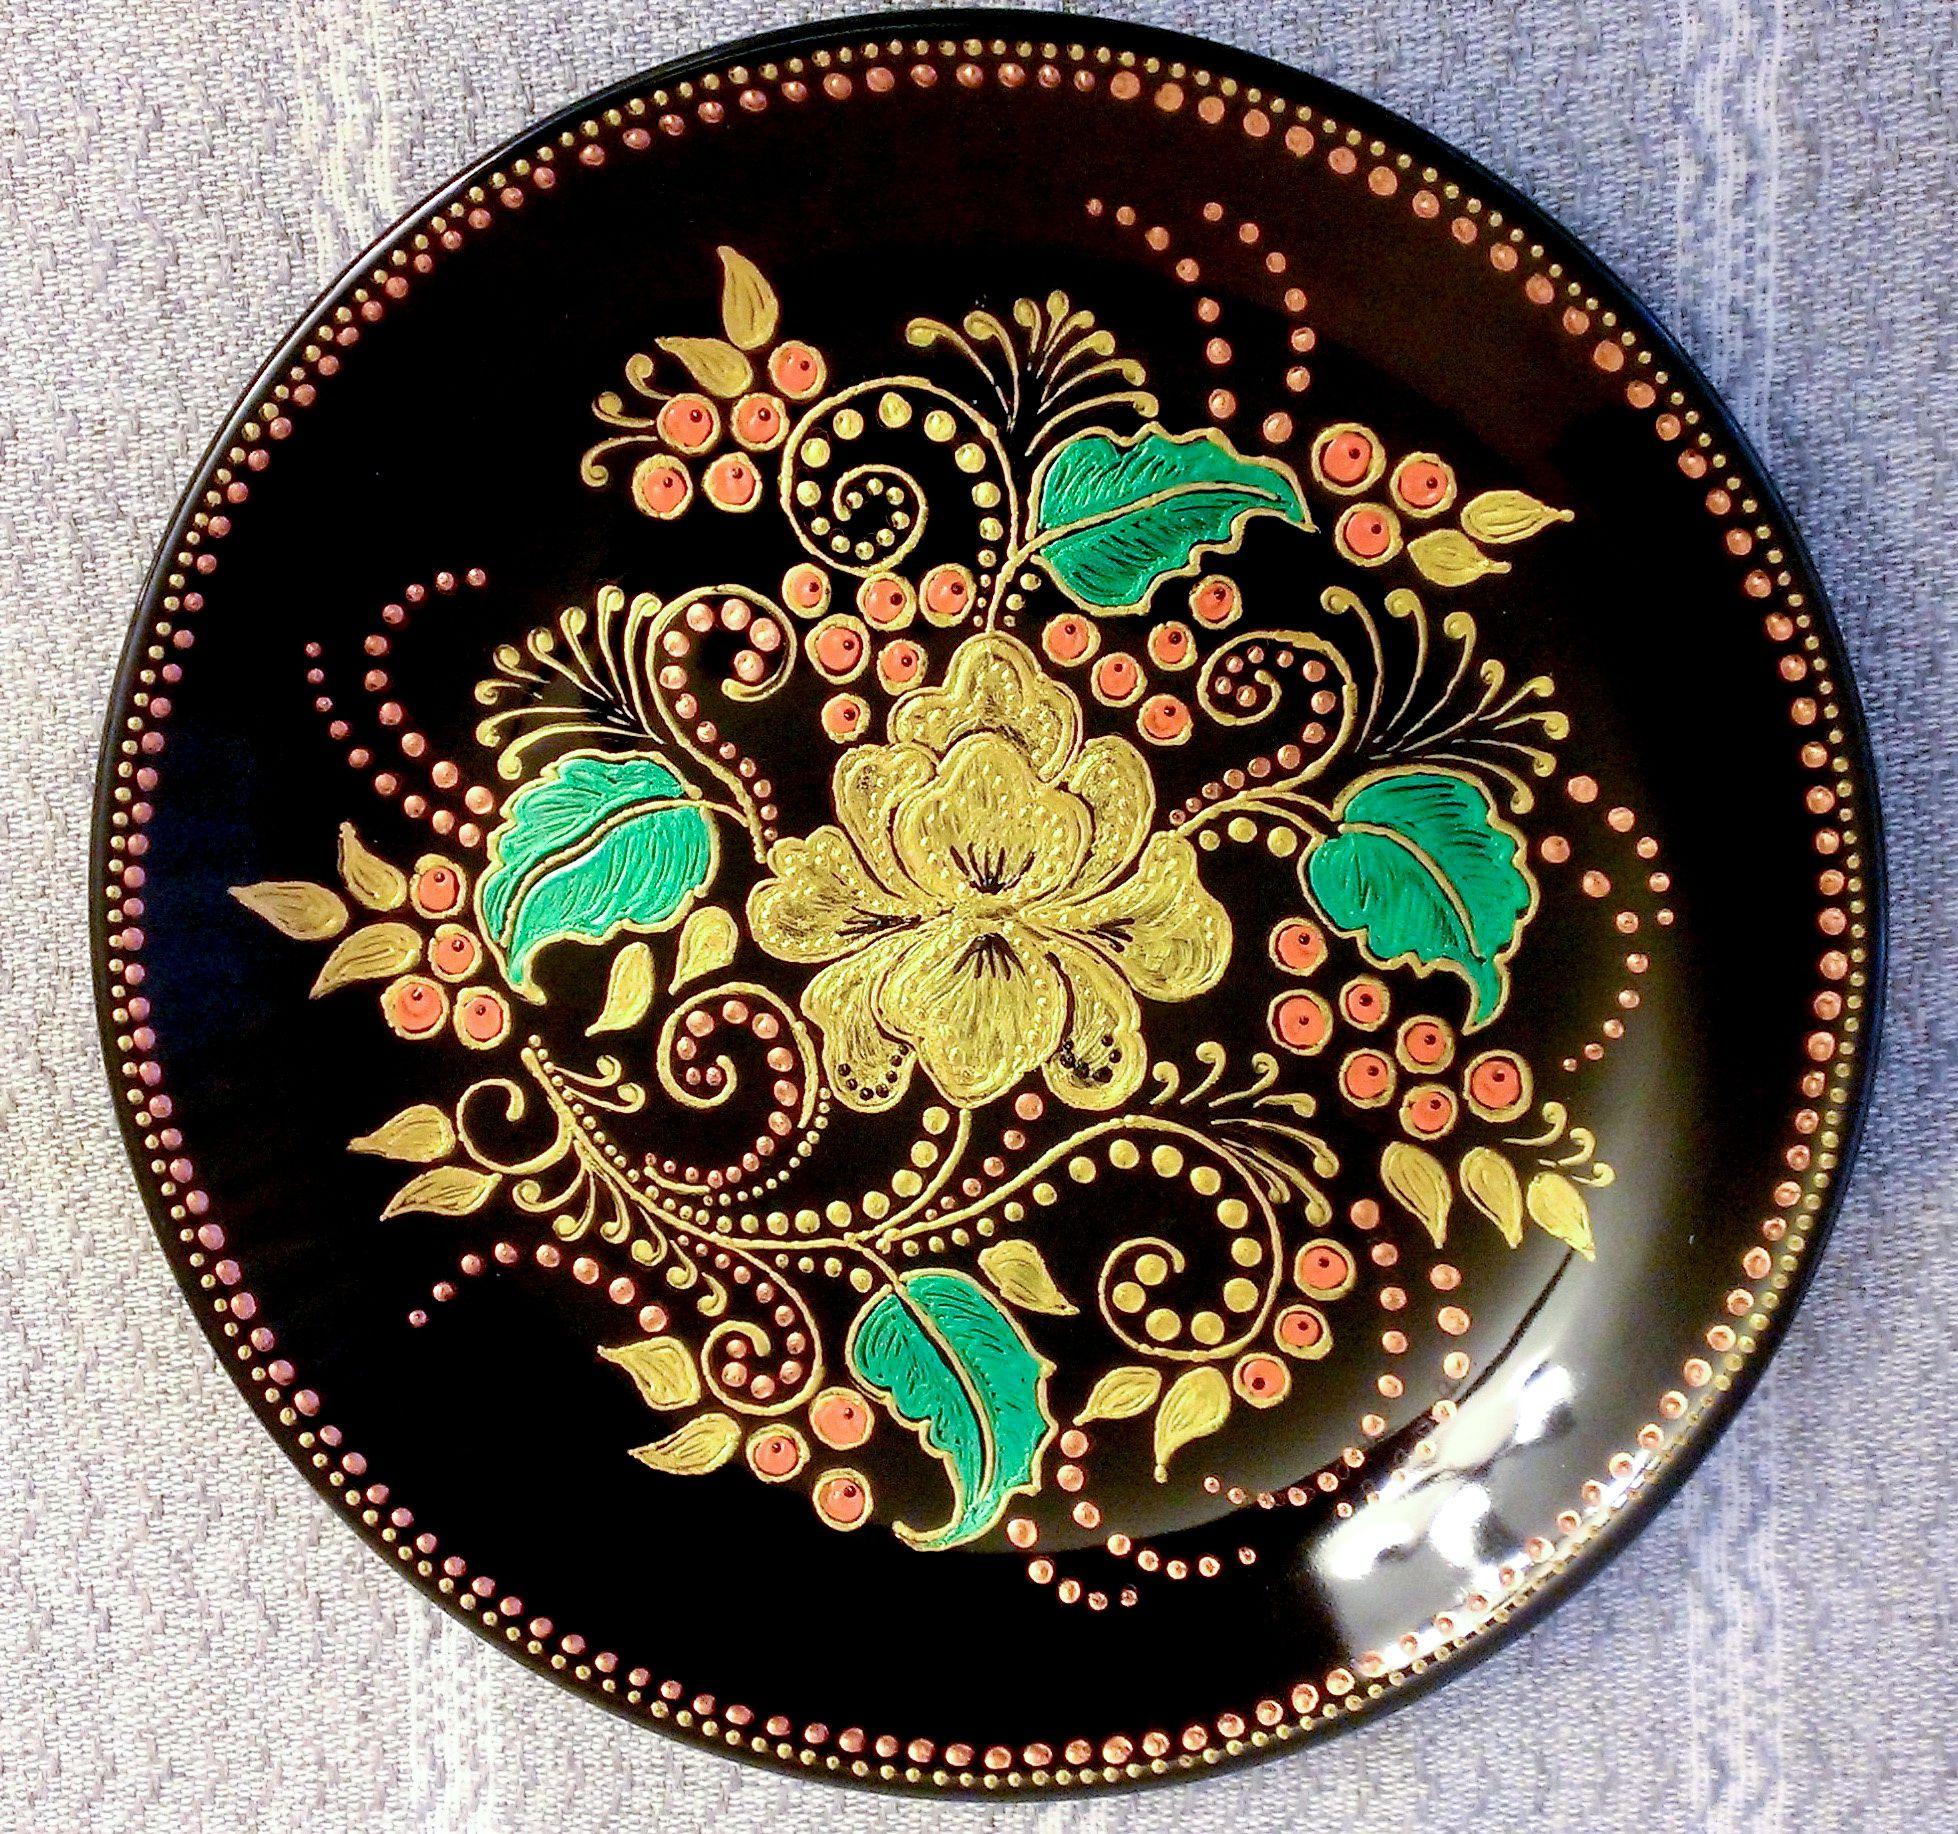 рябинушка русскиеузоры узоры декоративнаятарелка тарелка точечнаяроспись handmade декор ручнаяработа хохлома подарок